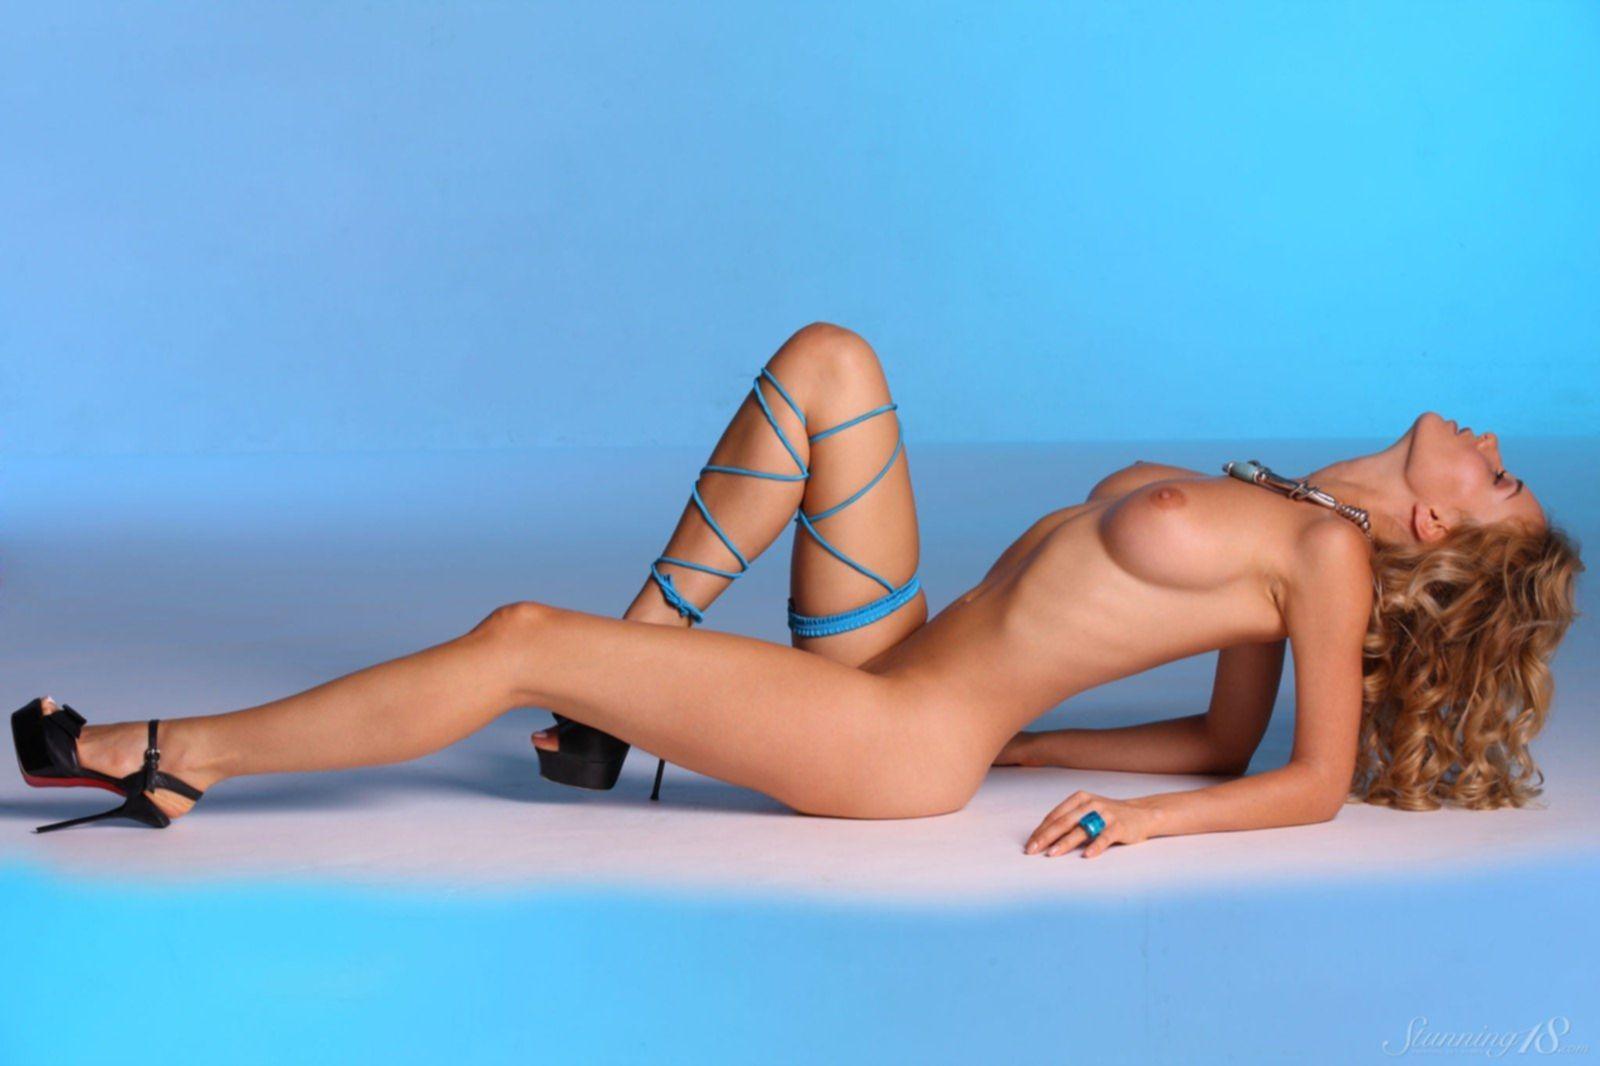 Красивая голая дама в туфлях - фото